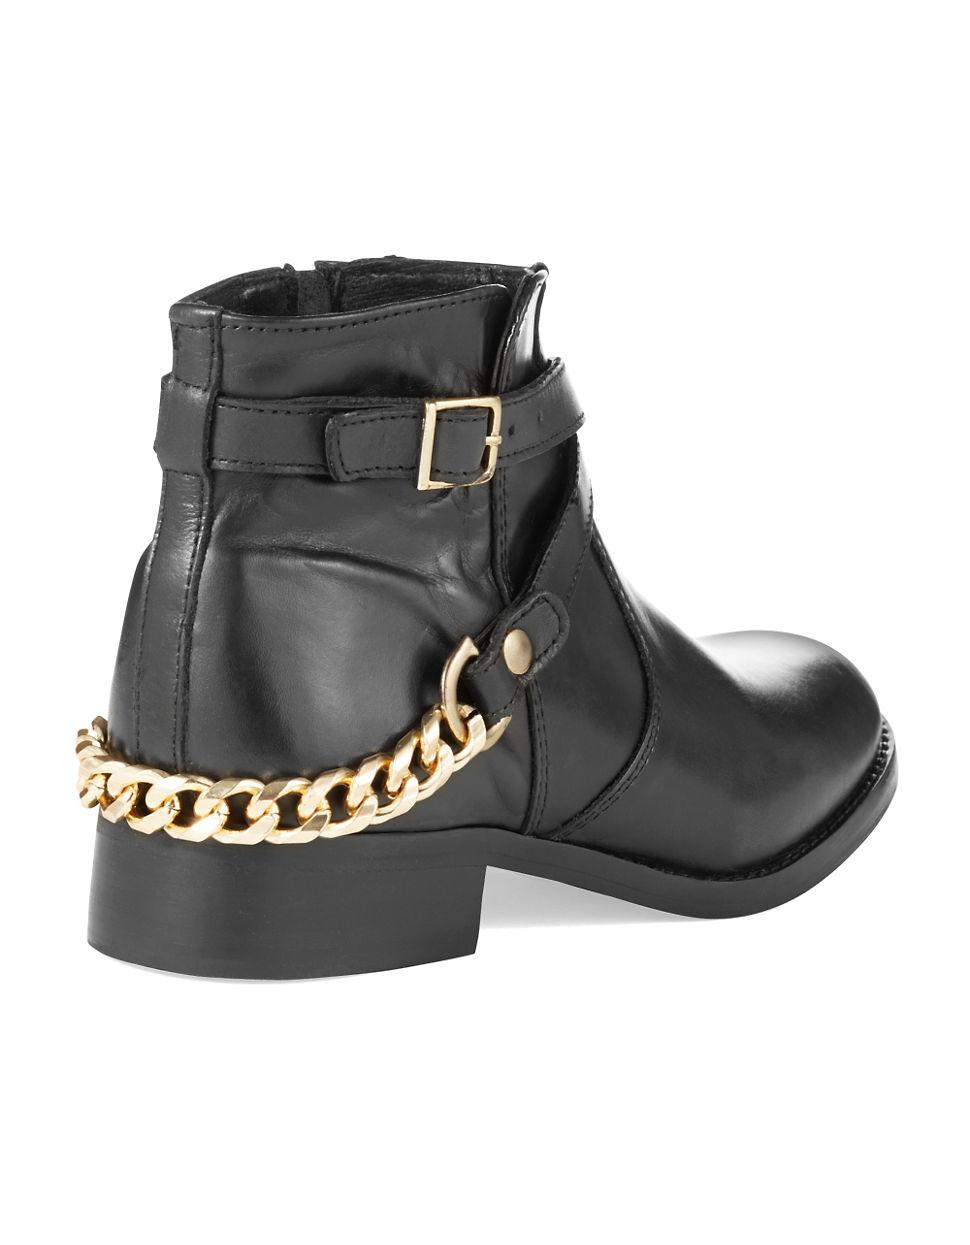 steve madden ringoo ankle boots in black lyst